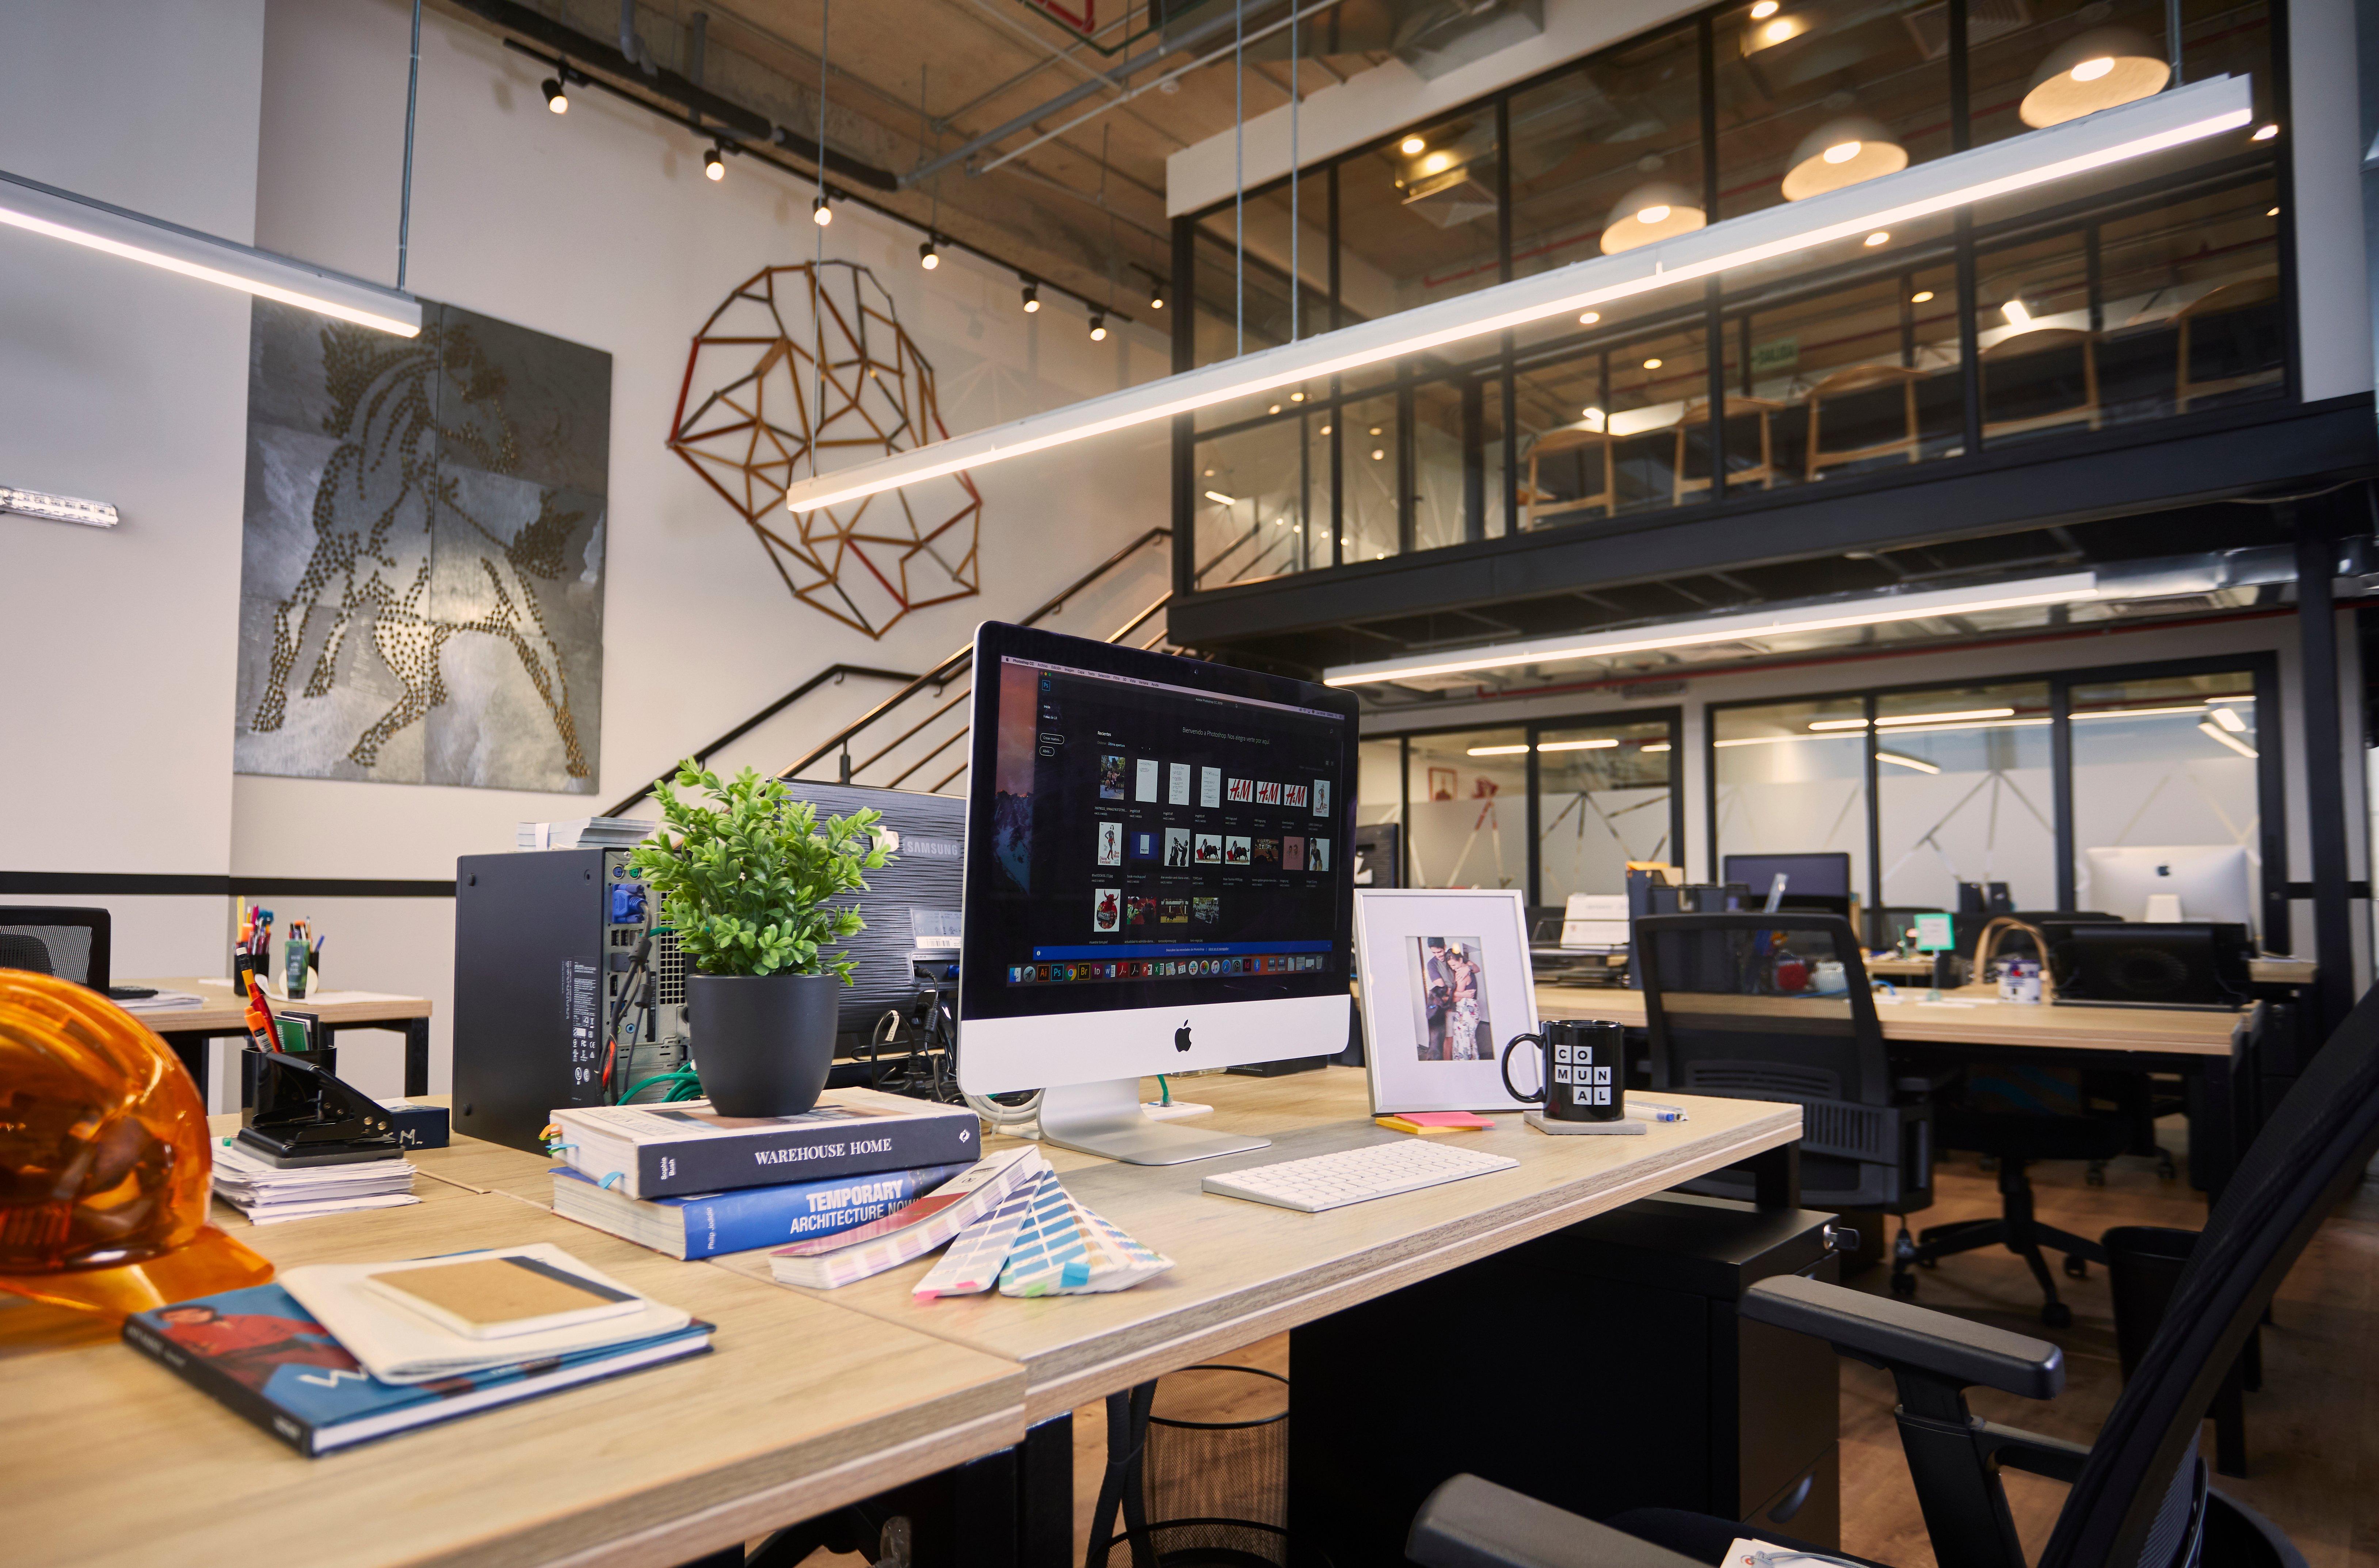 escritorio de una oficina de coworking en comunal